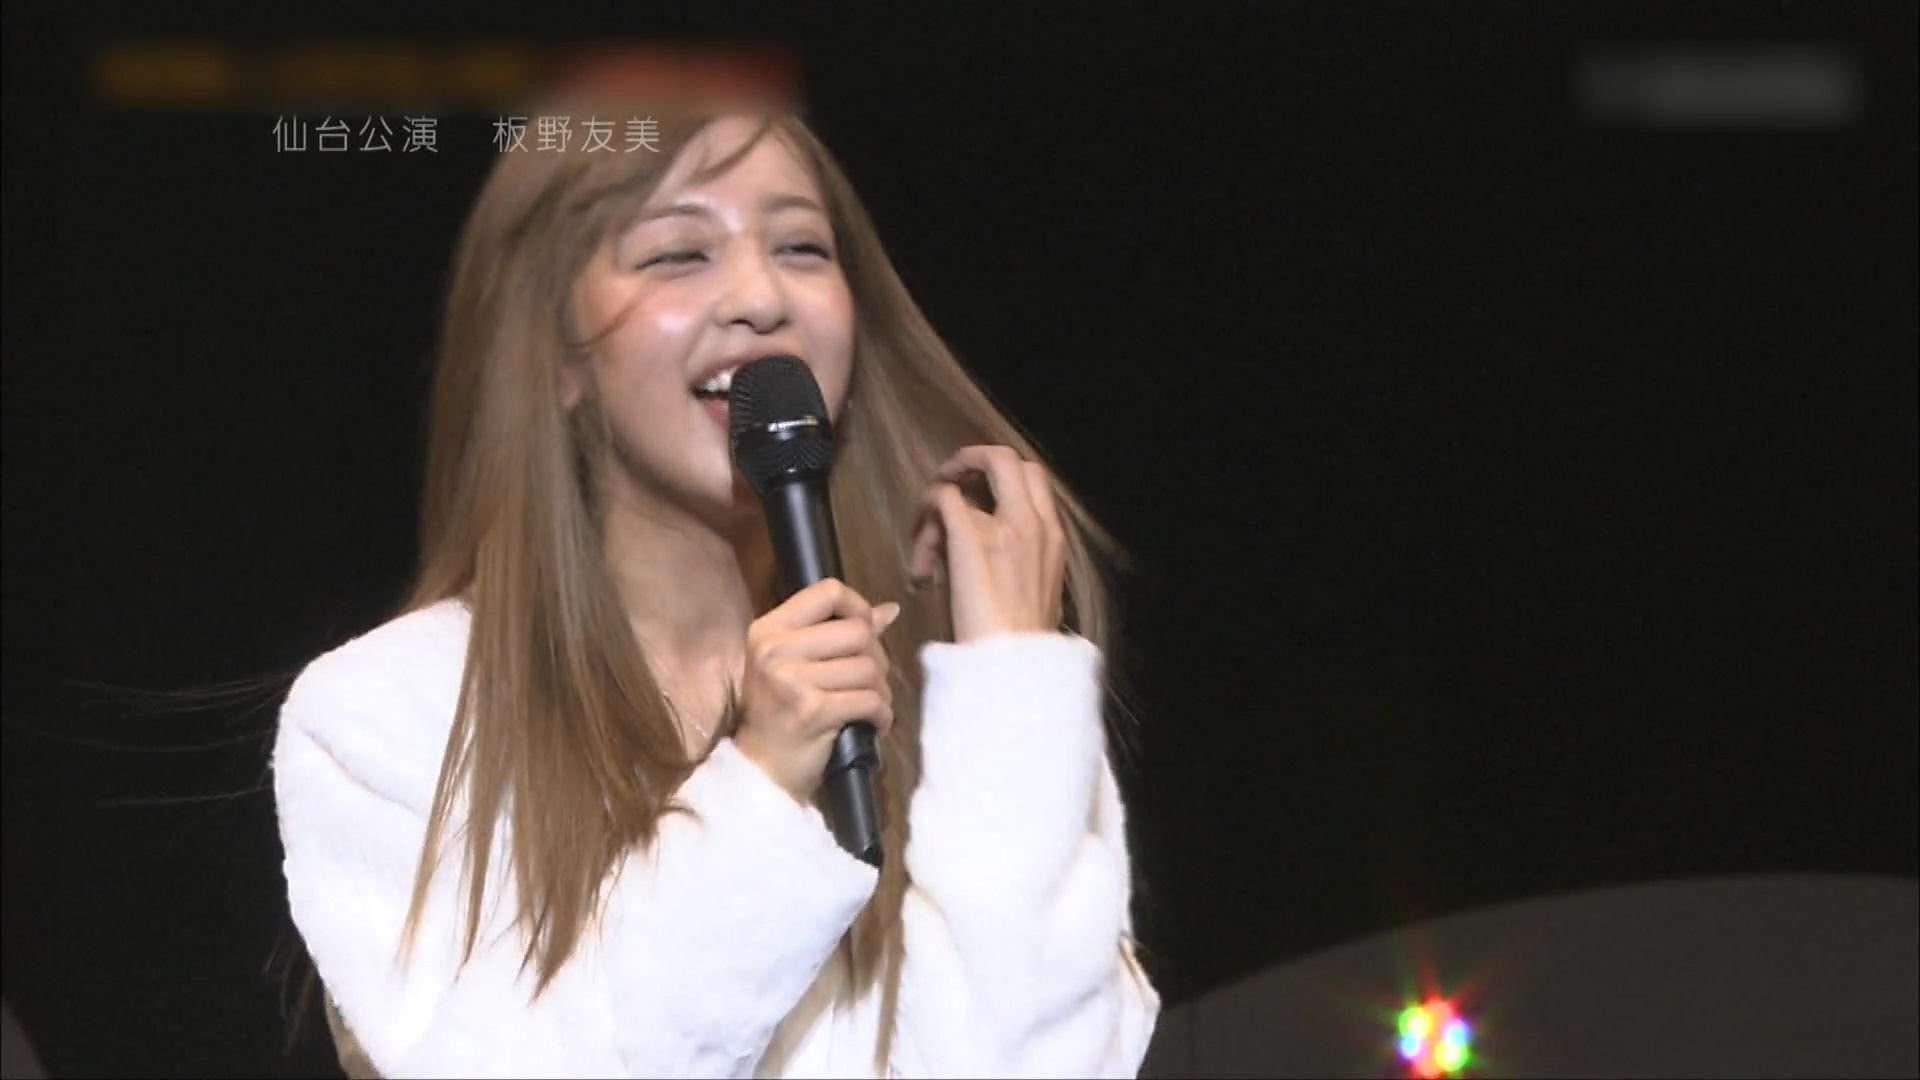 【放送事故】 板野友美 「少女A」 生歌で大事故 3回歌い直しする